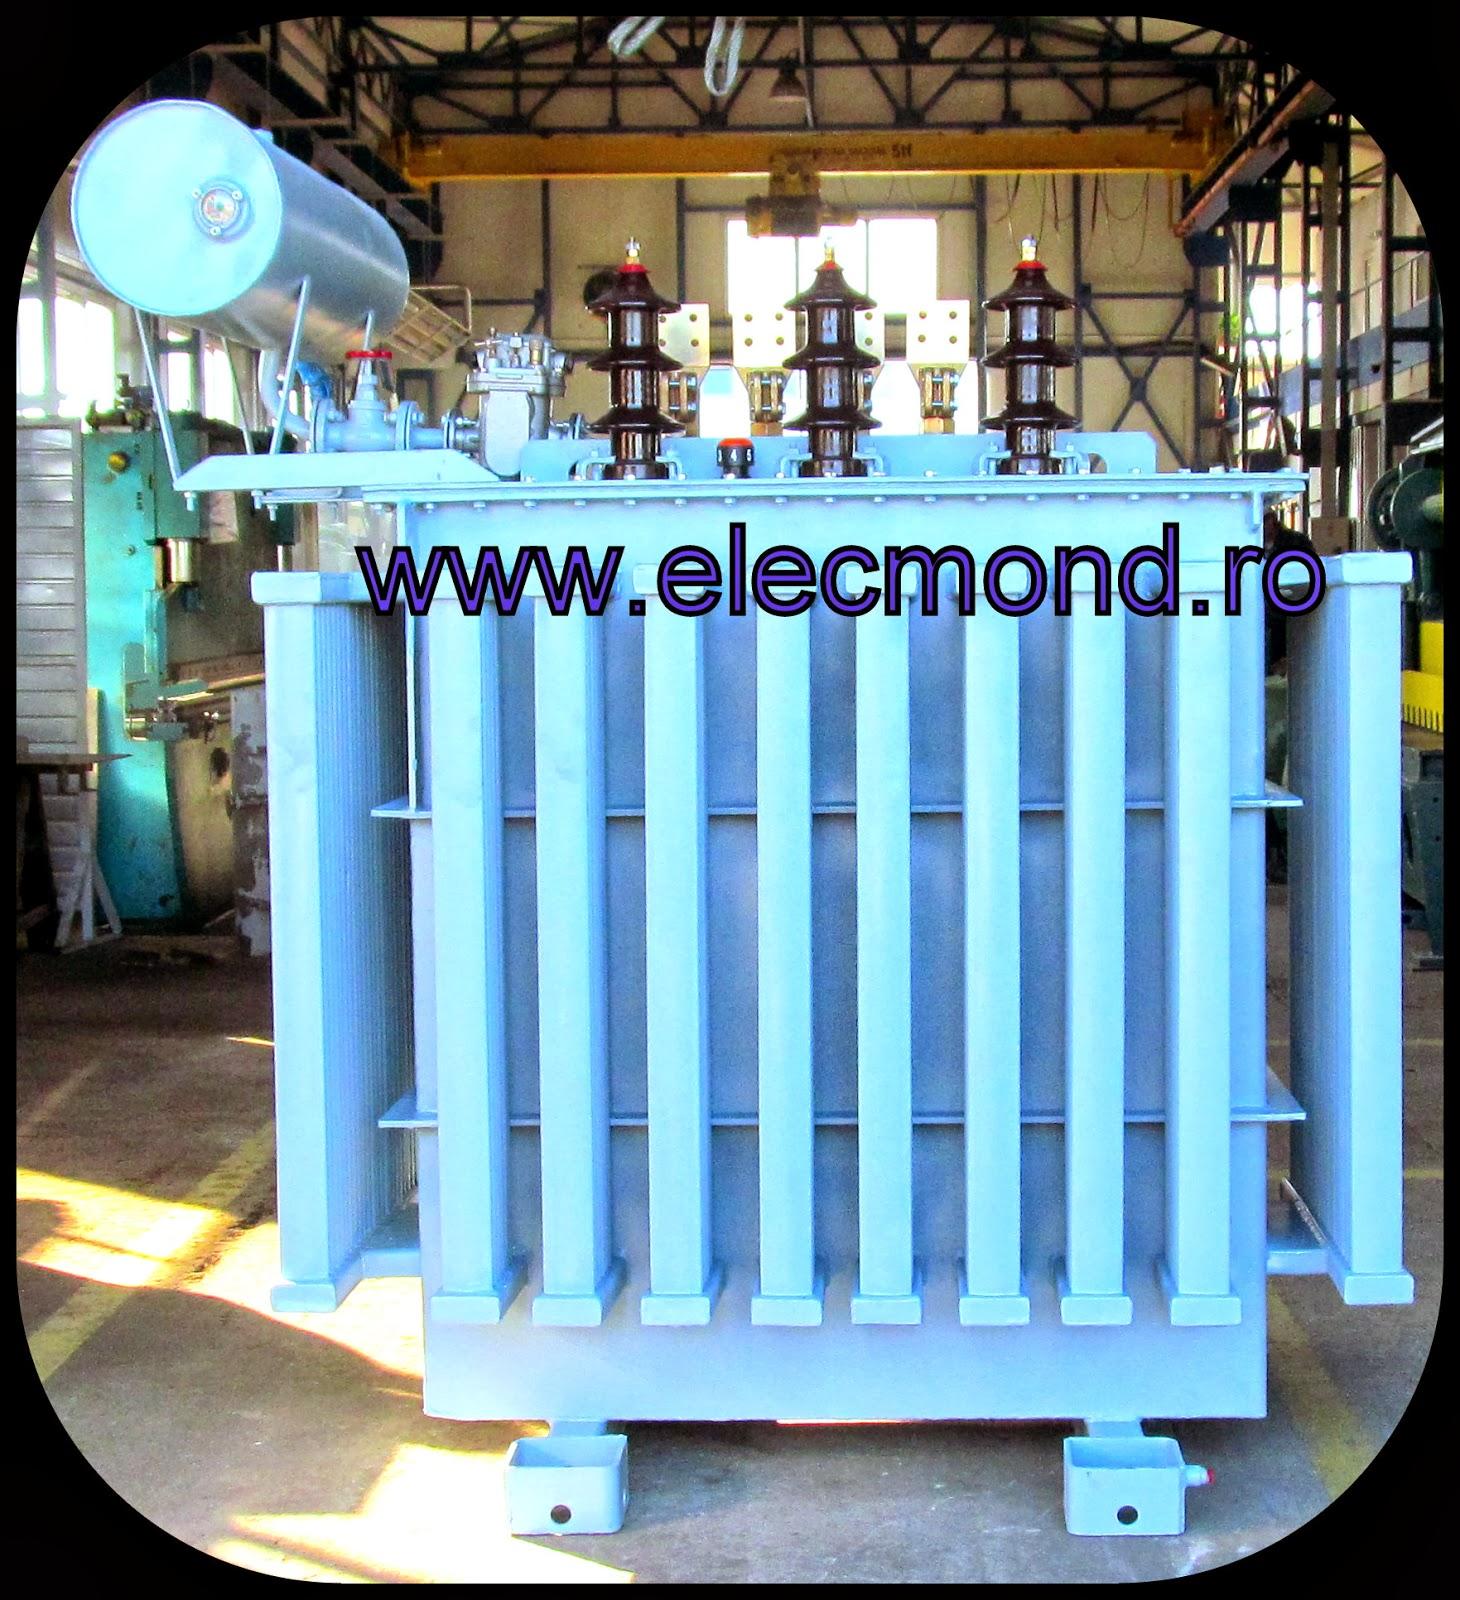 Transformatoare electrice, transformator, trafo, transformatoare trifazate, firme transformatoare, reparatii transformatoare de putere